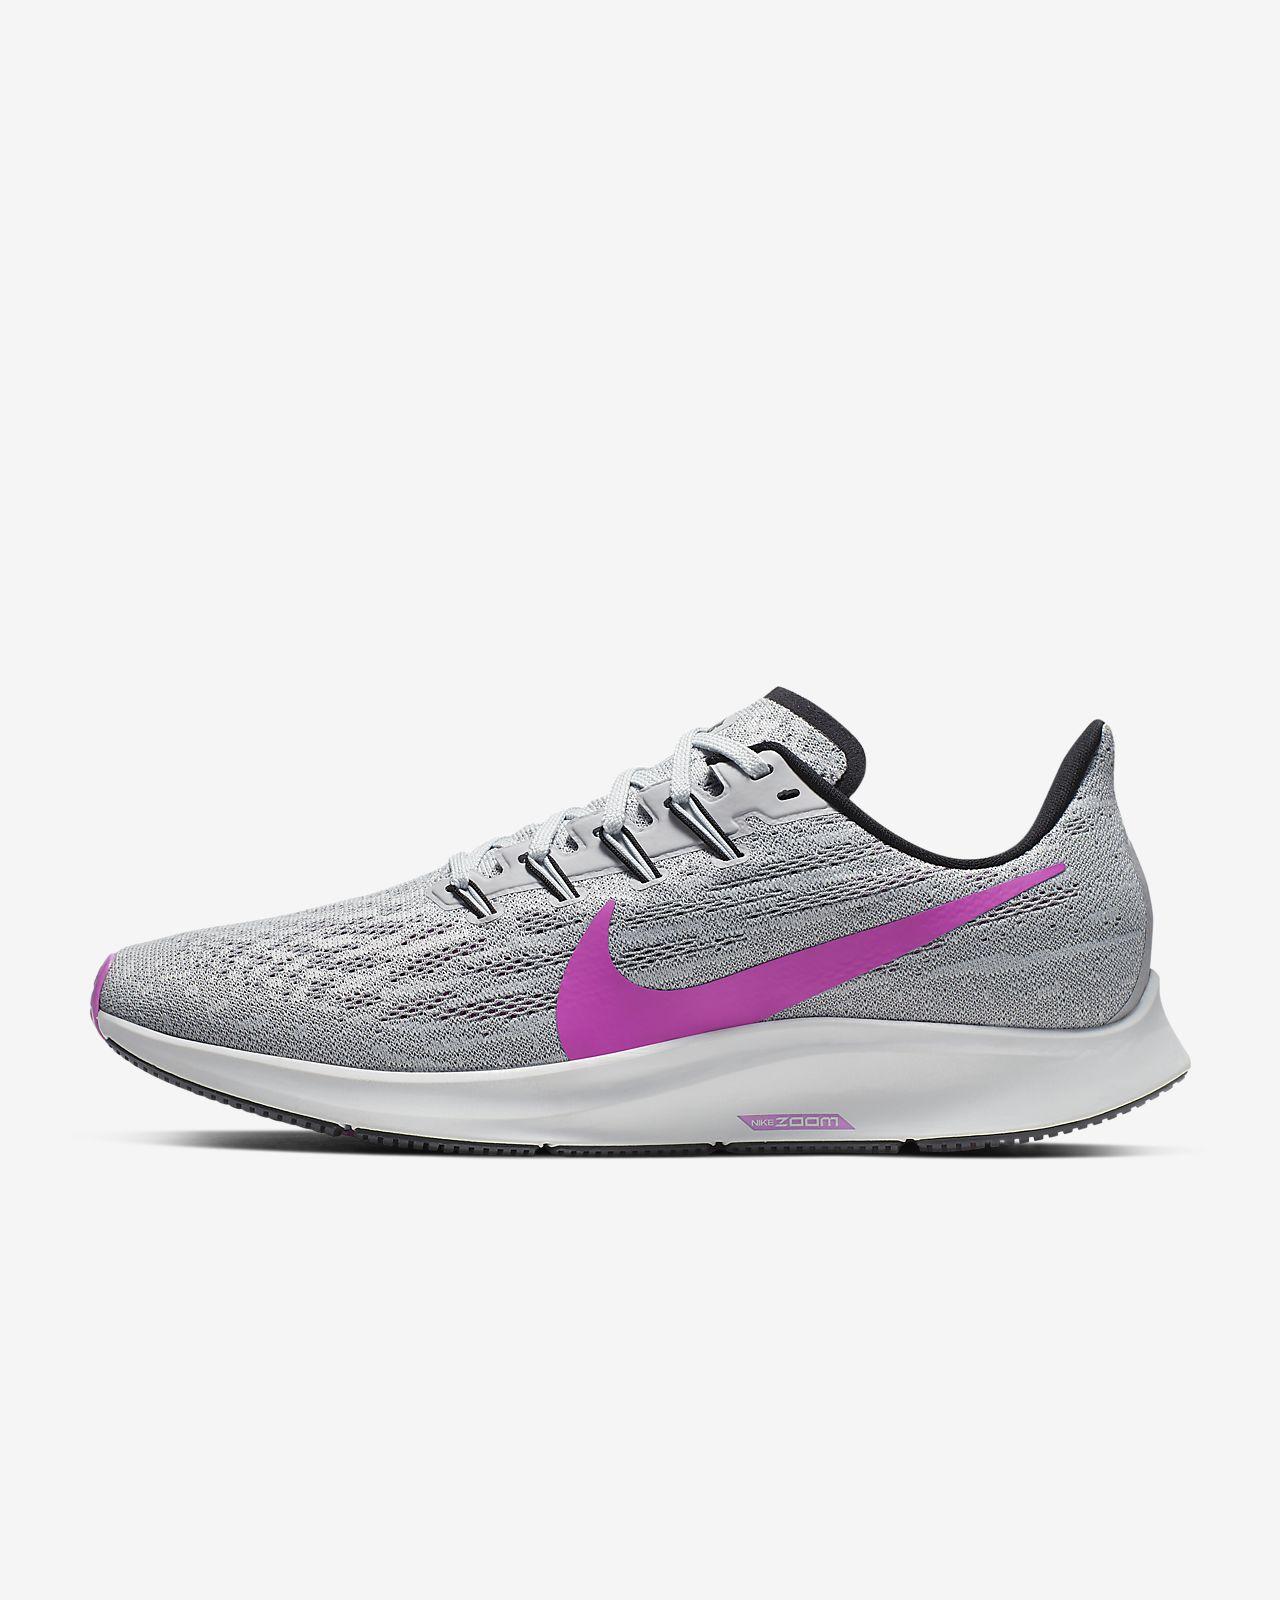 Nike Air Zoom Pegasus 35, Zapatillas de Running para Hombre, Gris, 44.5 EU